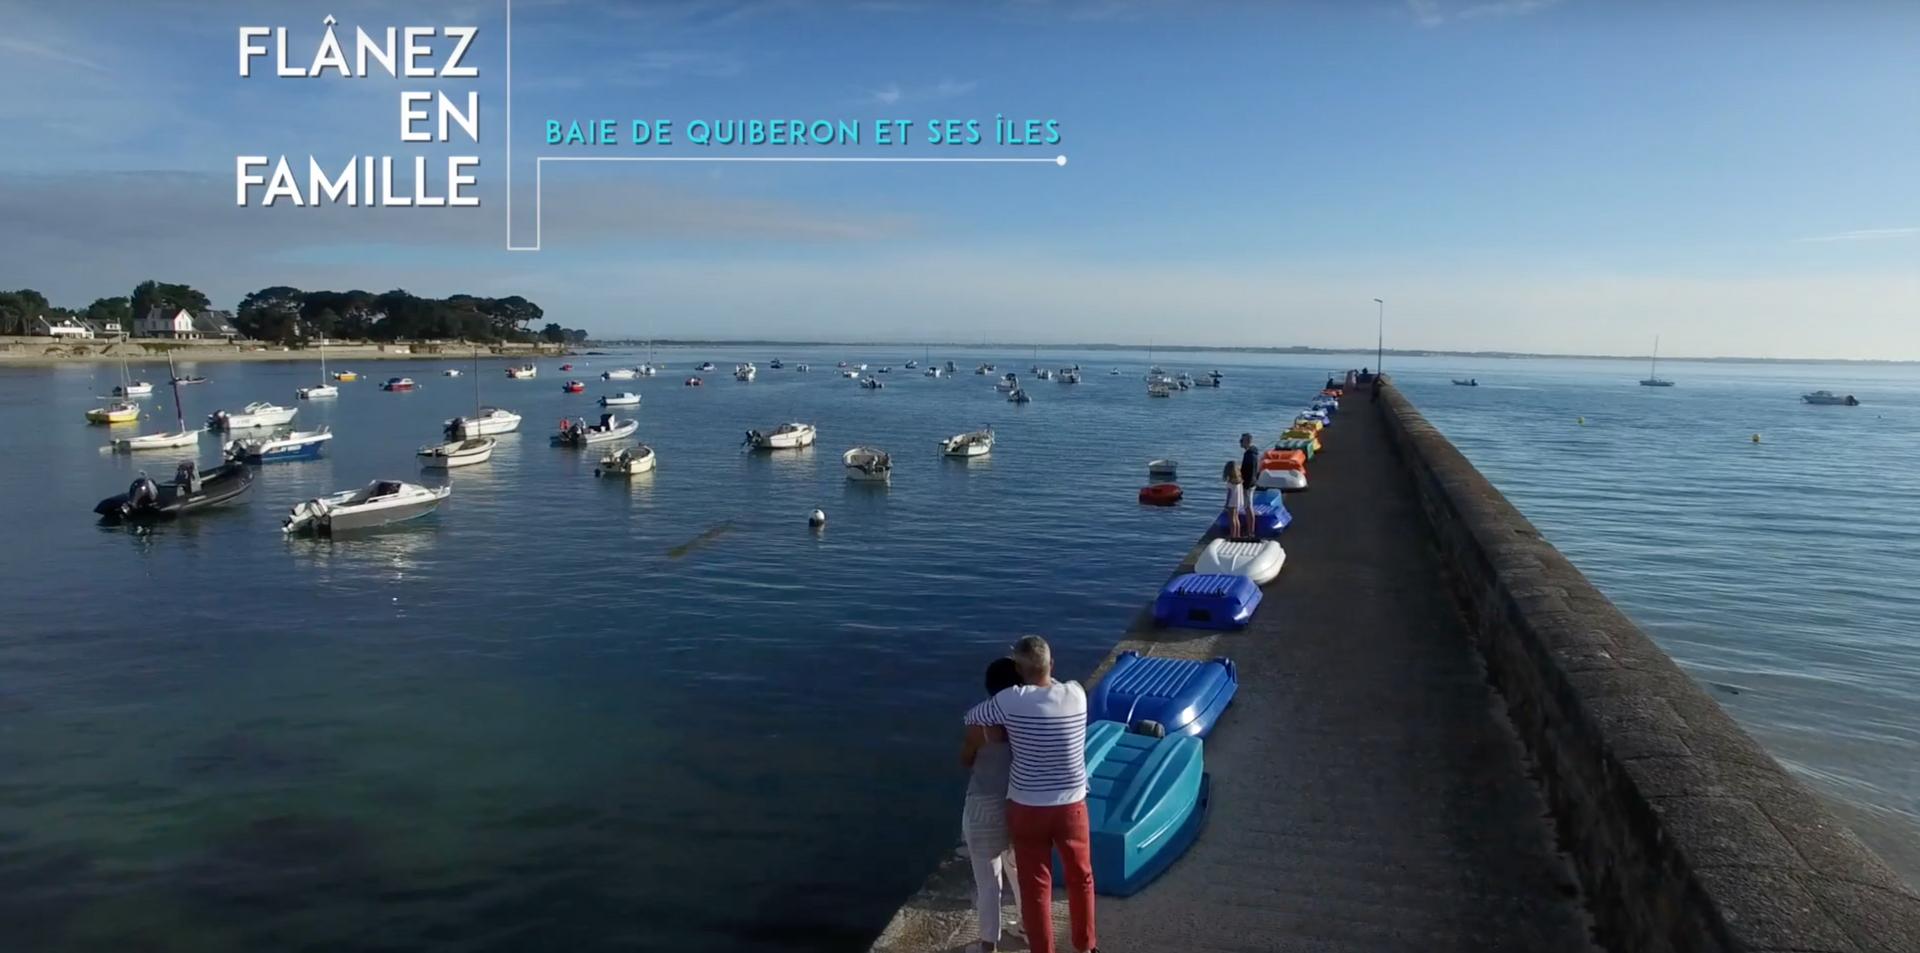 Baie de Quiberon et ses Îles